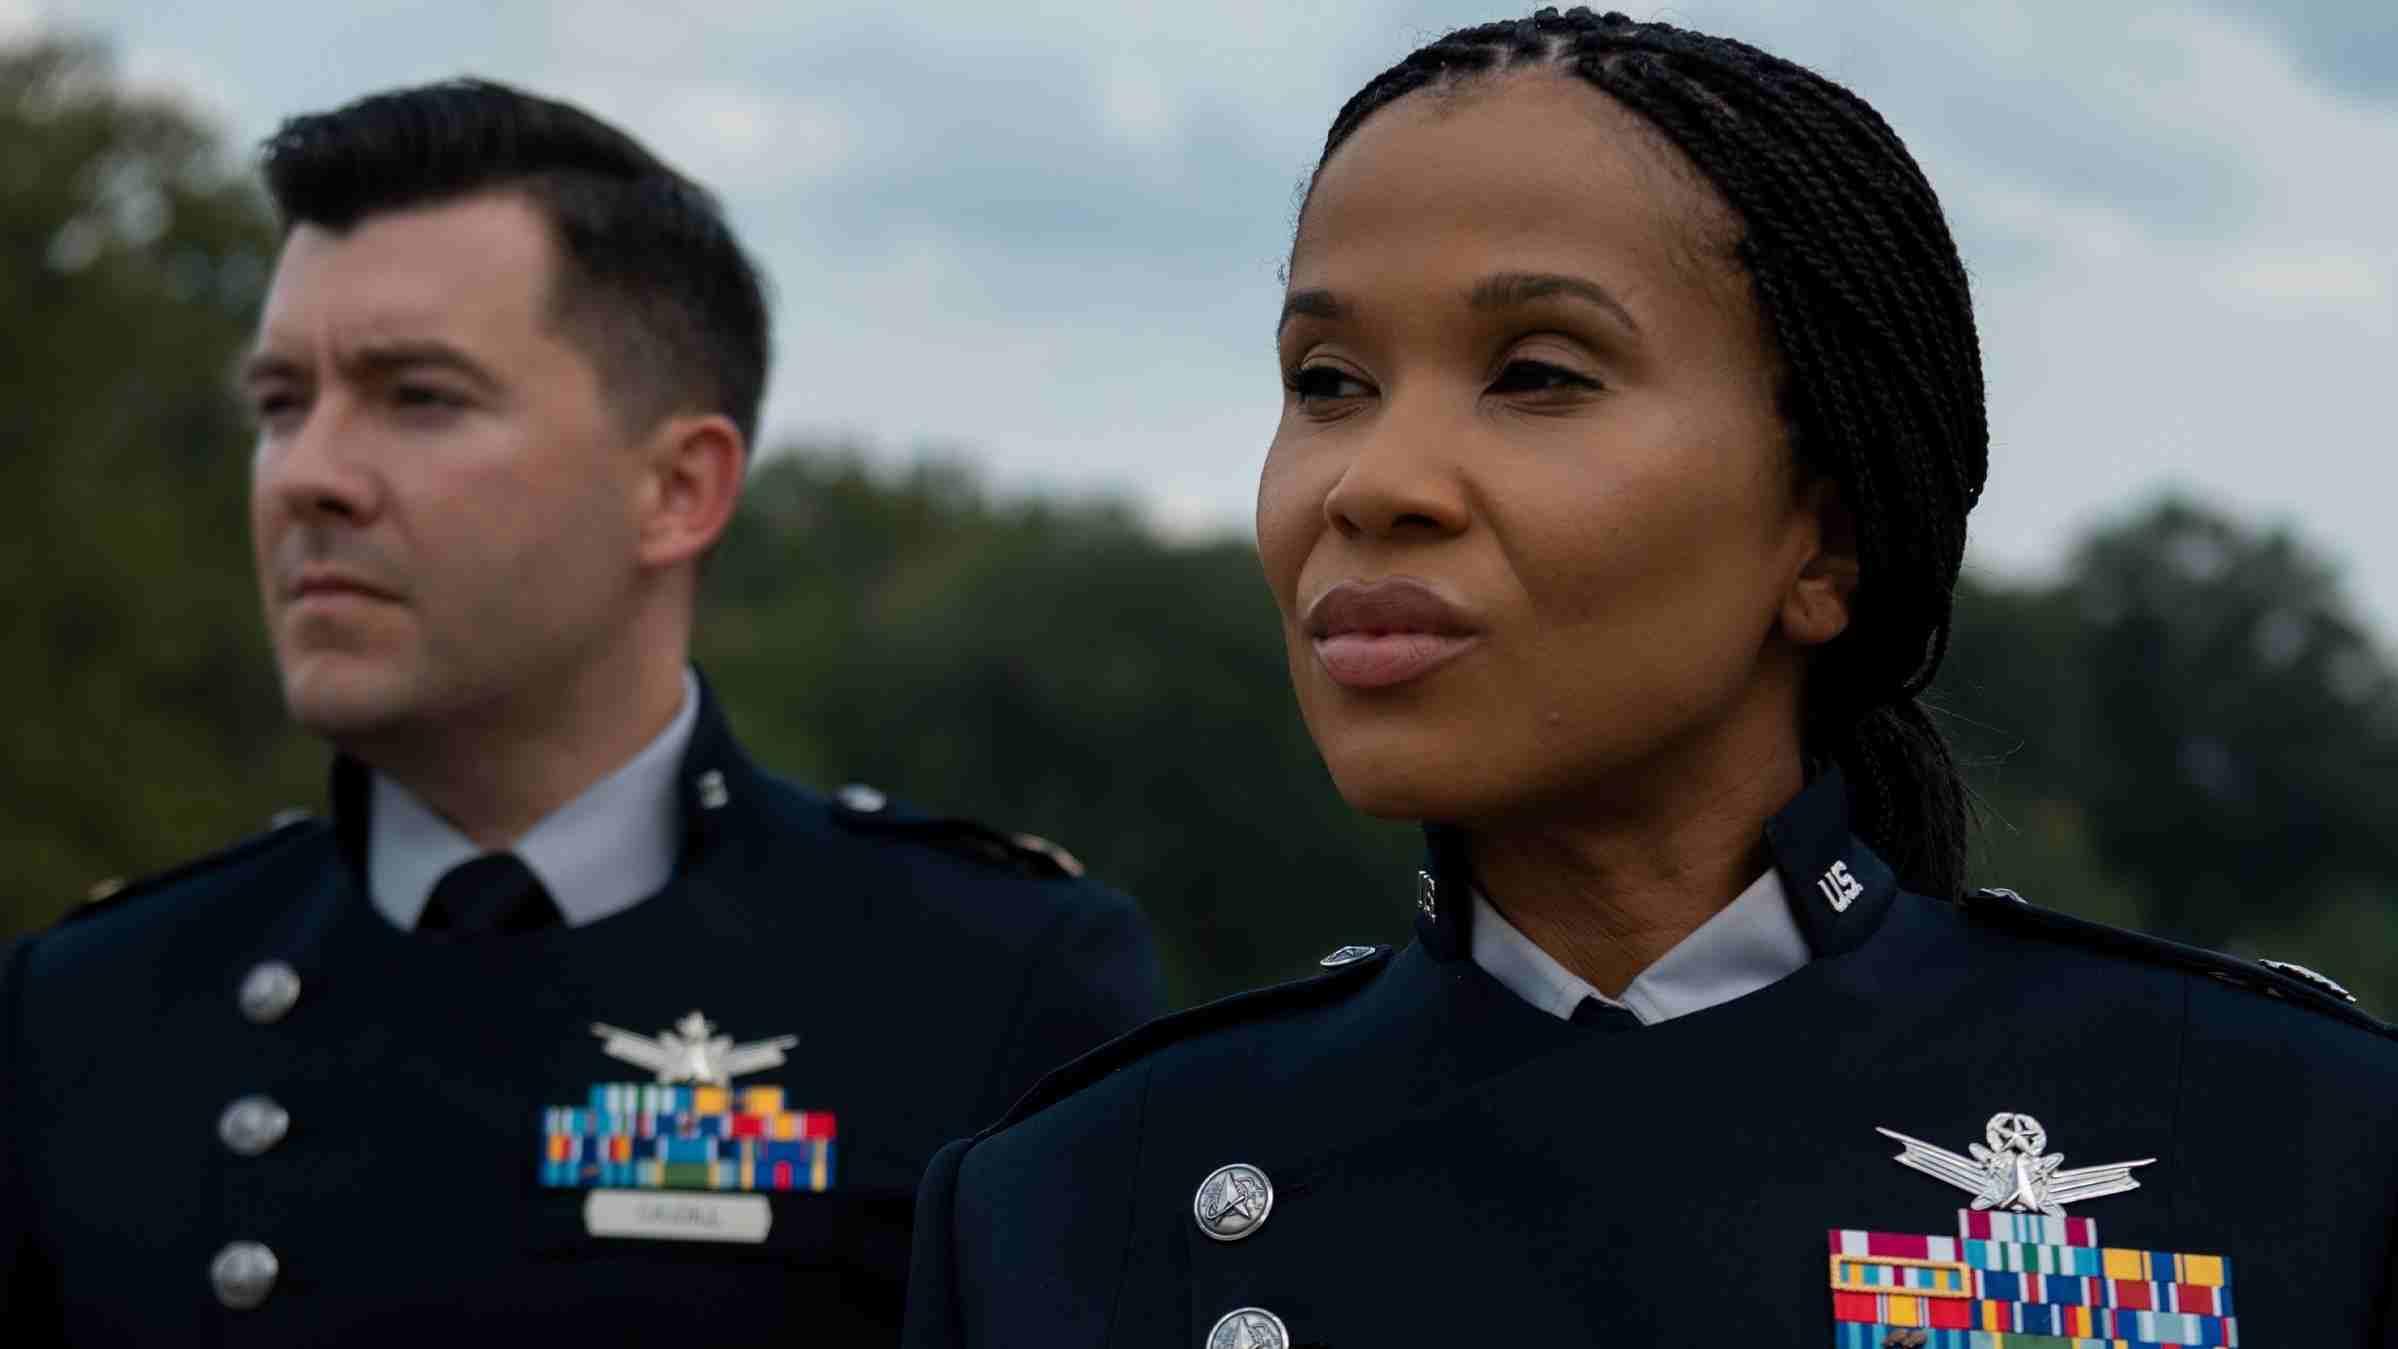 Nuevo uniforme de la Fuerza Espacial de EE. UU. evoca a Star Trek